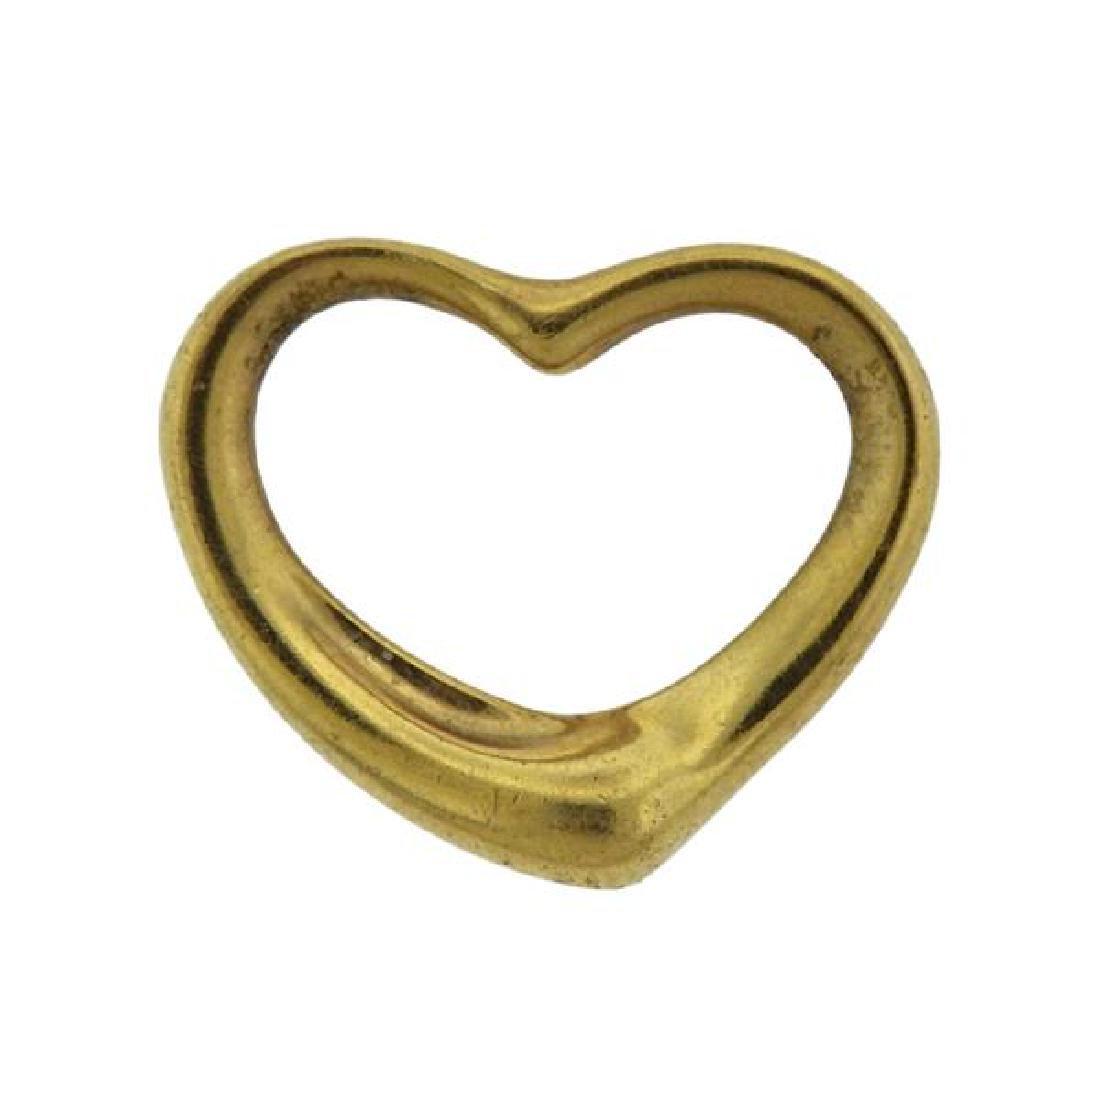 Tiffany & Co Peretti 18K Gold Open Heart Pendant